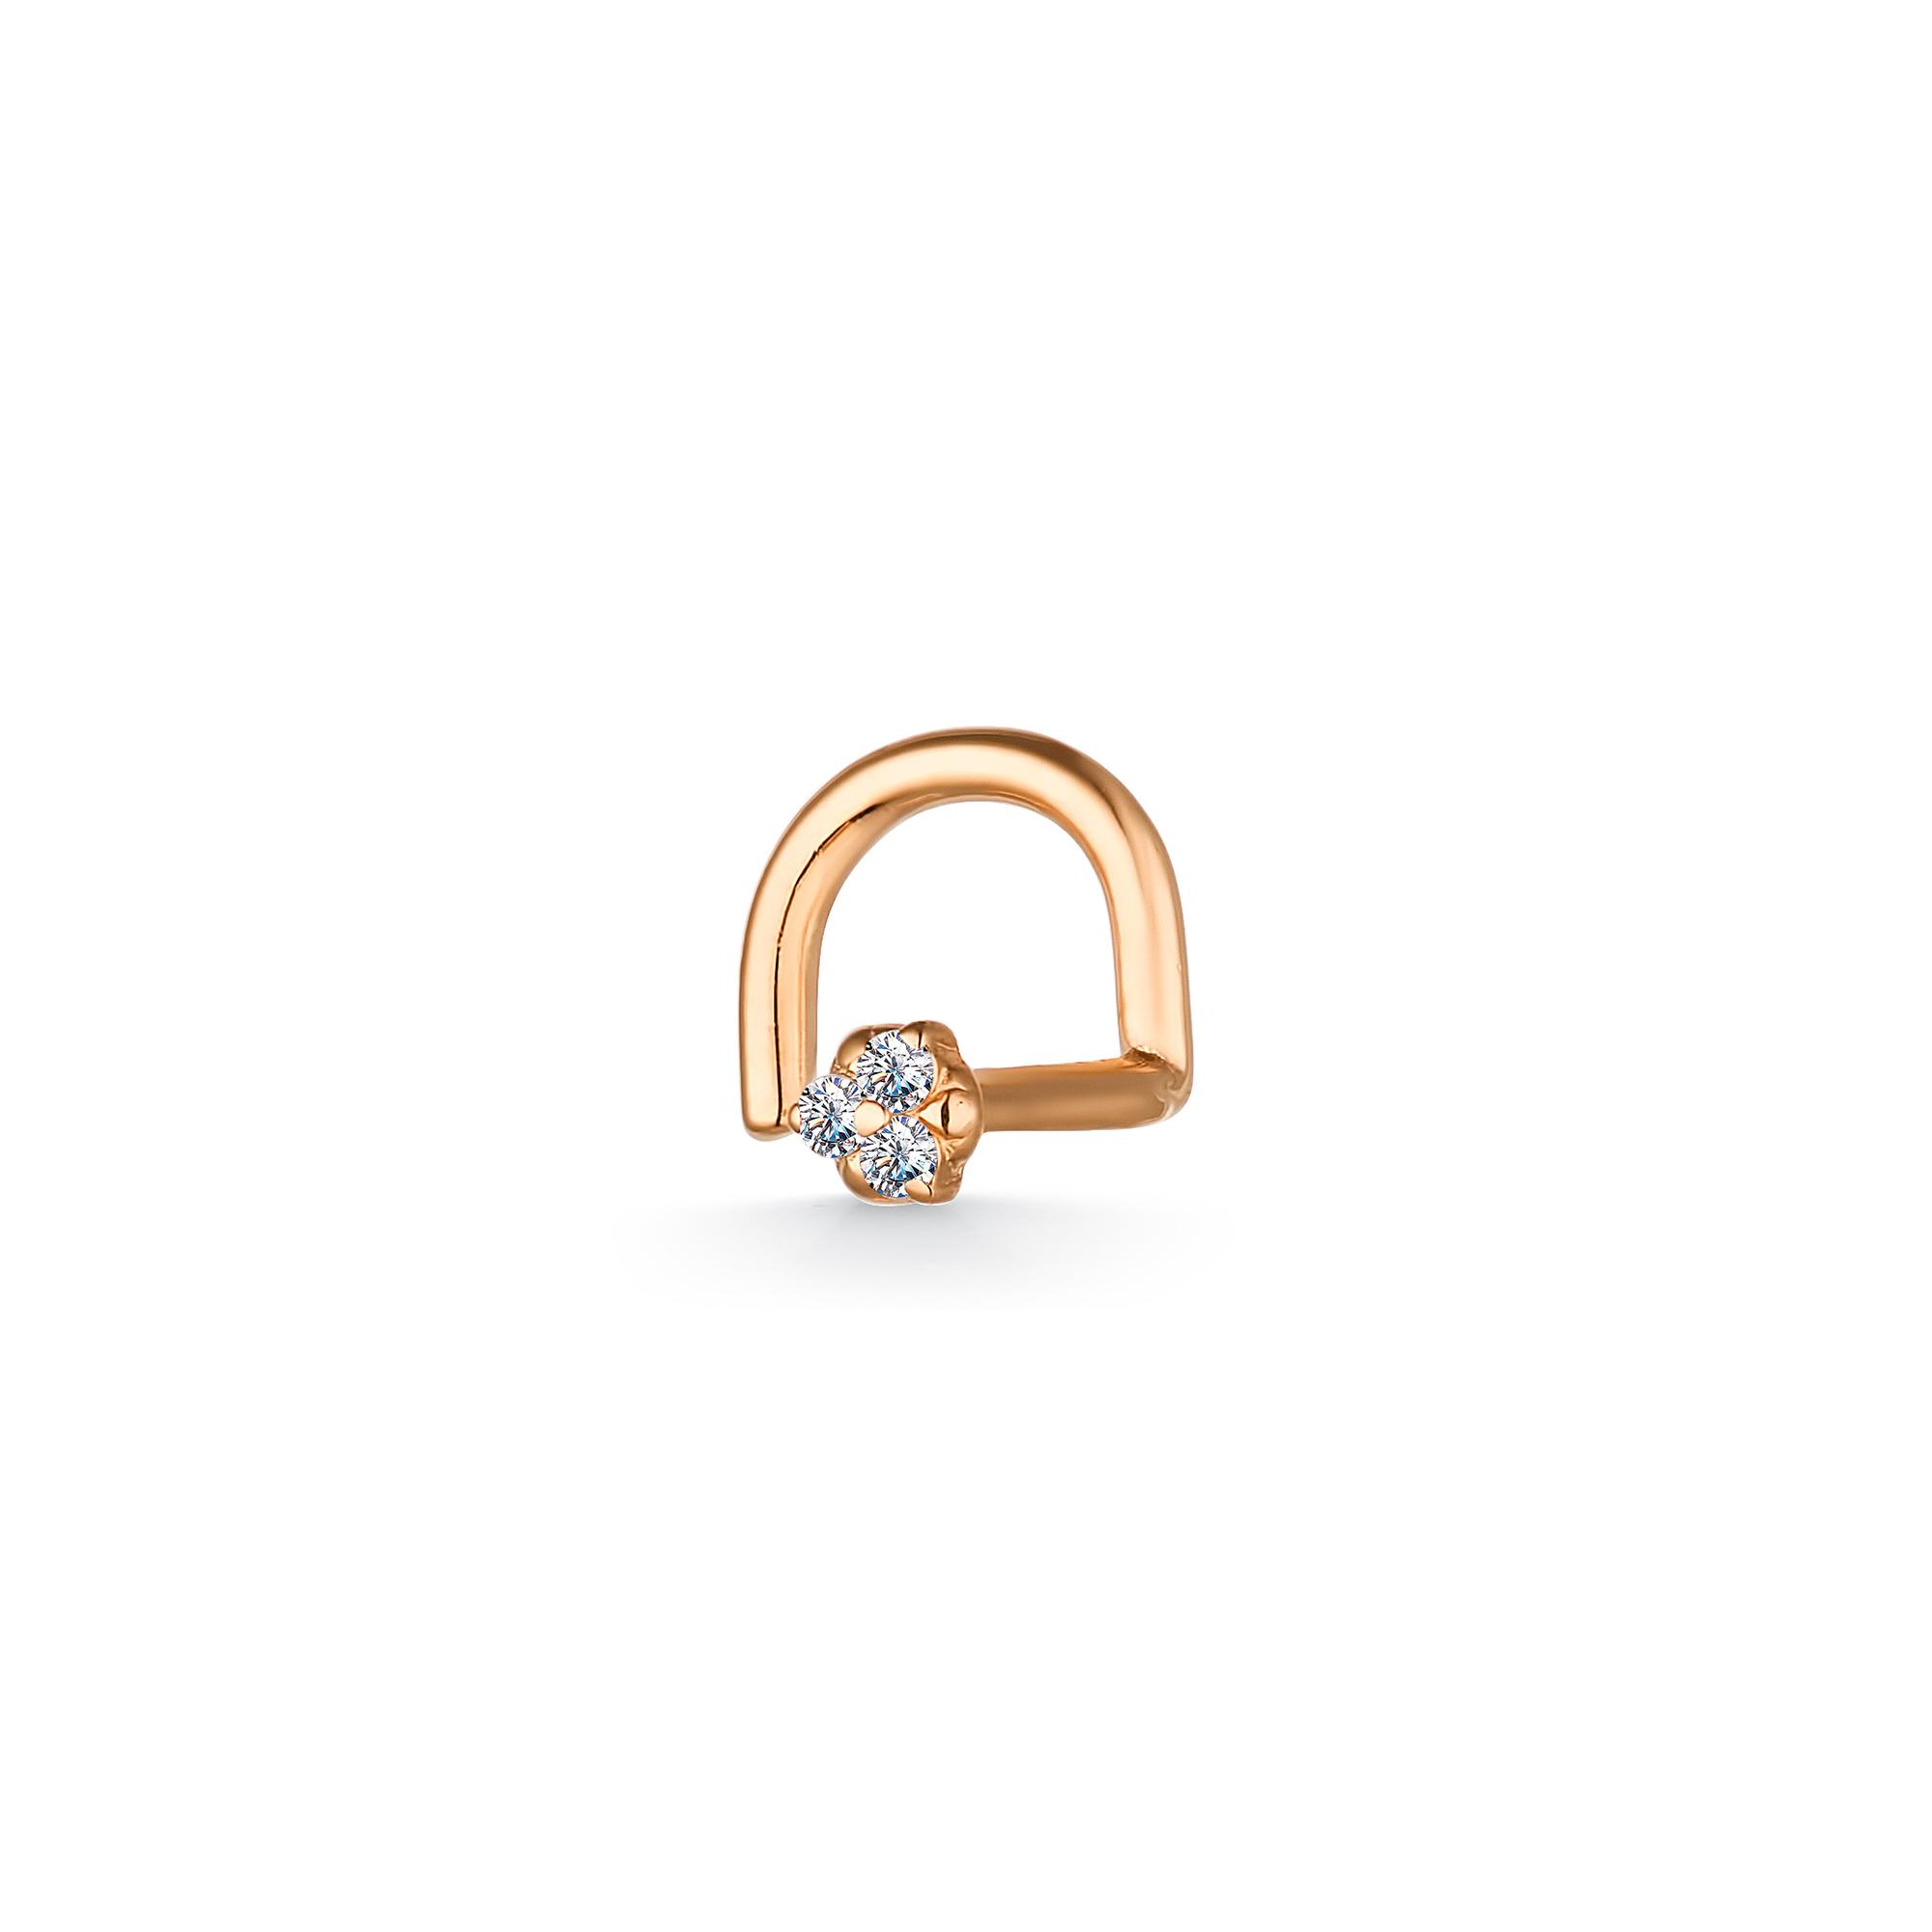 Пирсинг в нос из золота с бриллиантом арт. 7018-100 7018-100